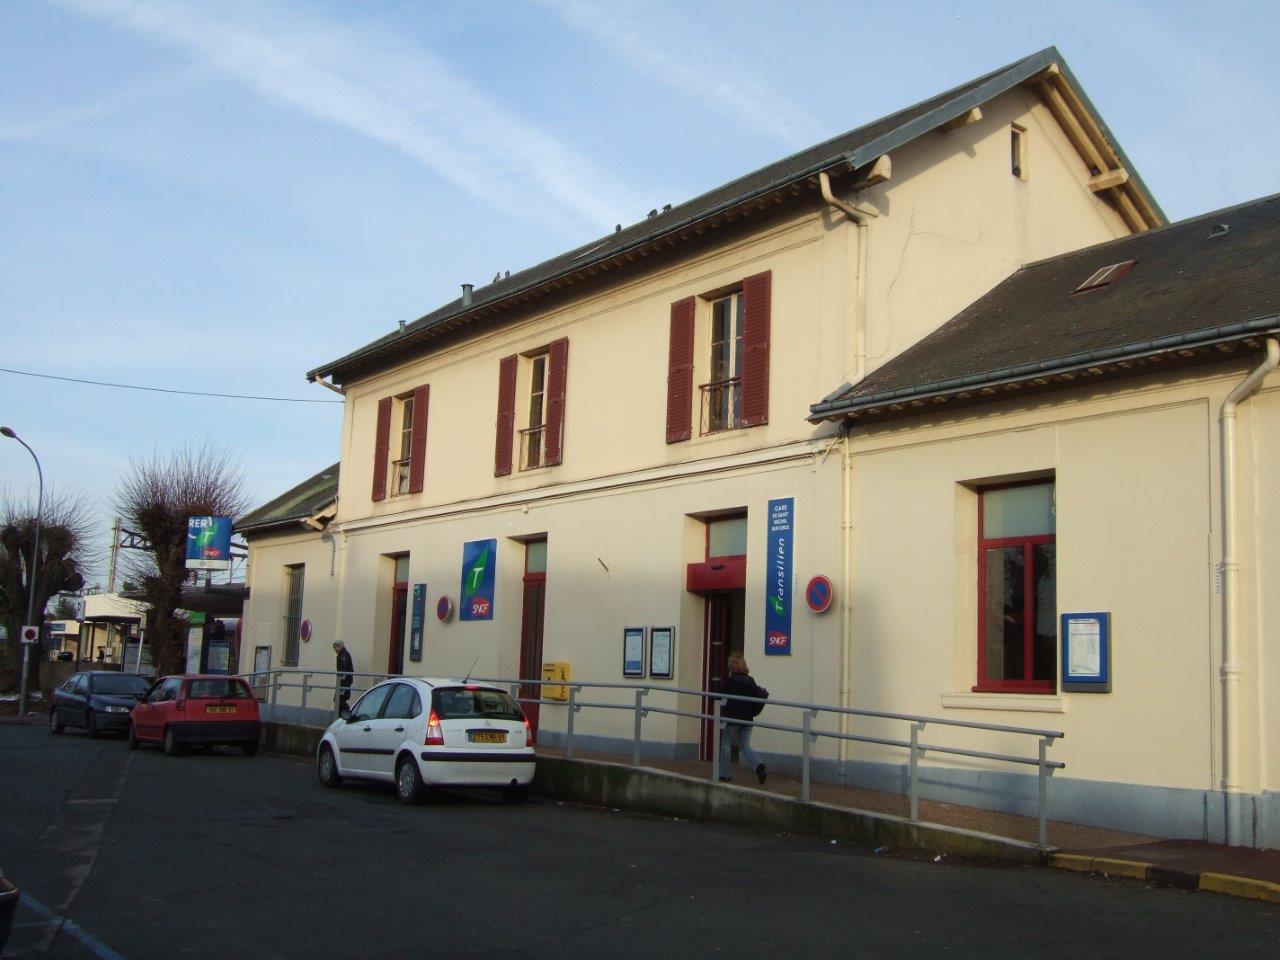 gare-de-saint-michel-sur-orge-train-station